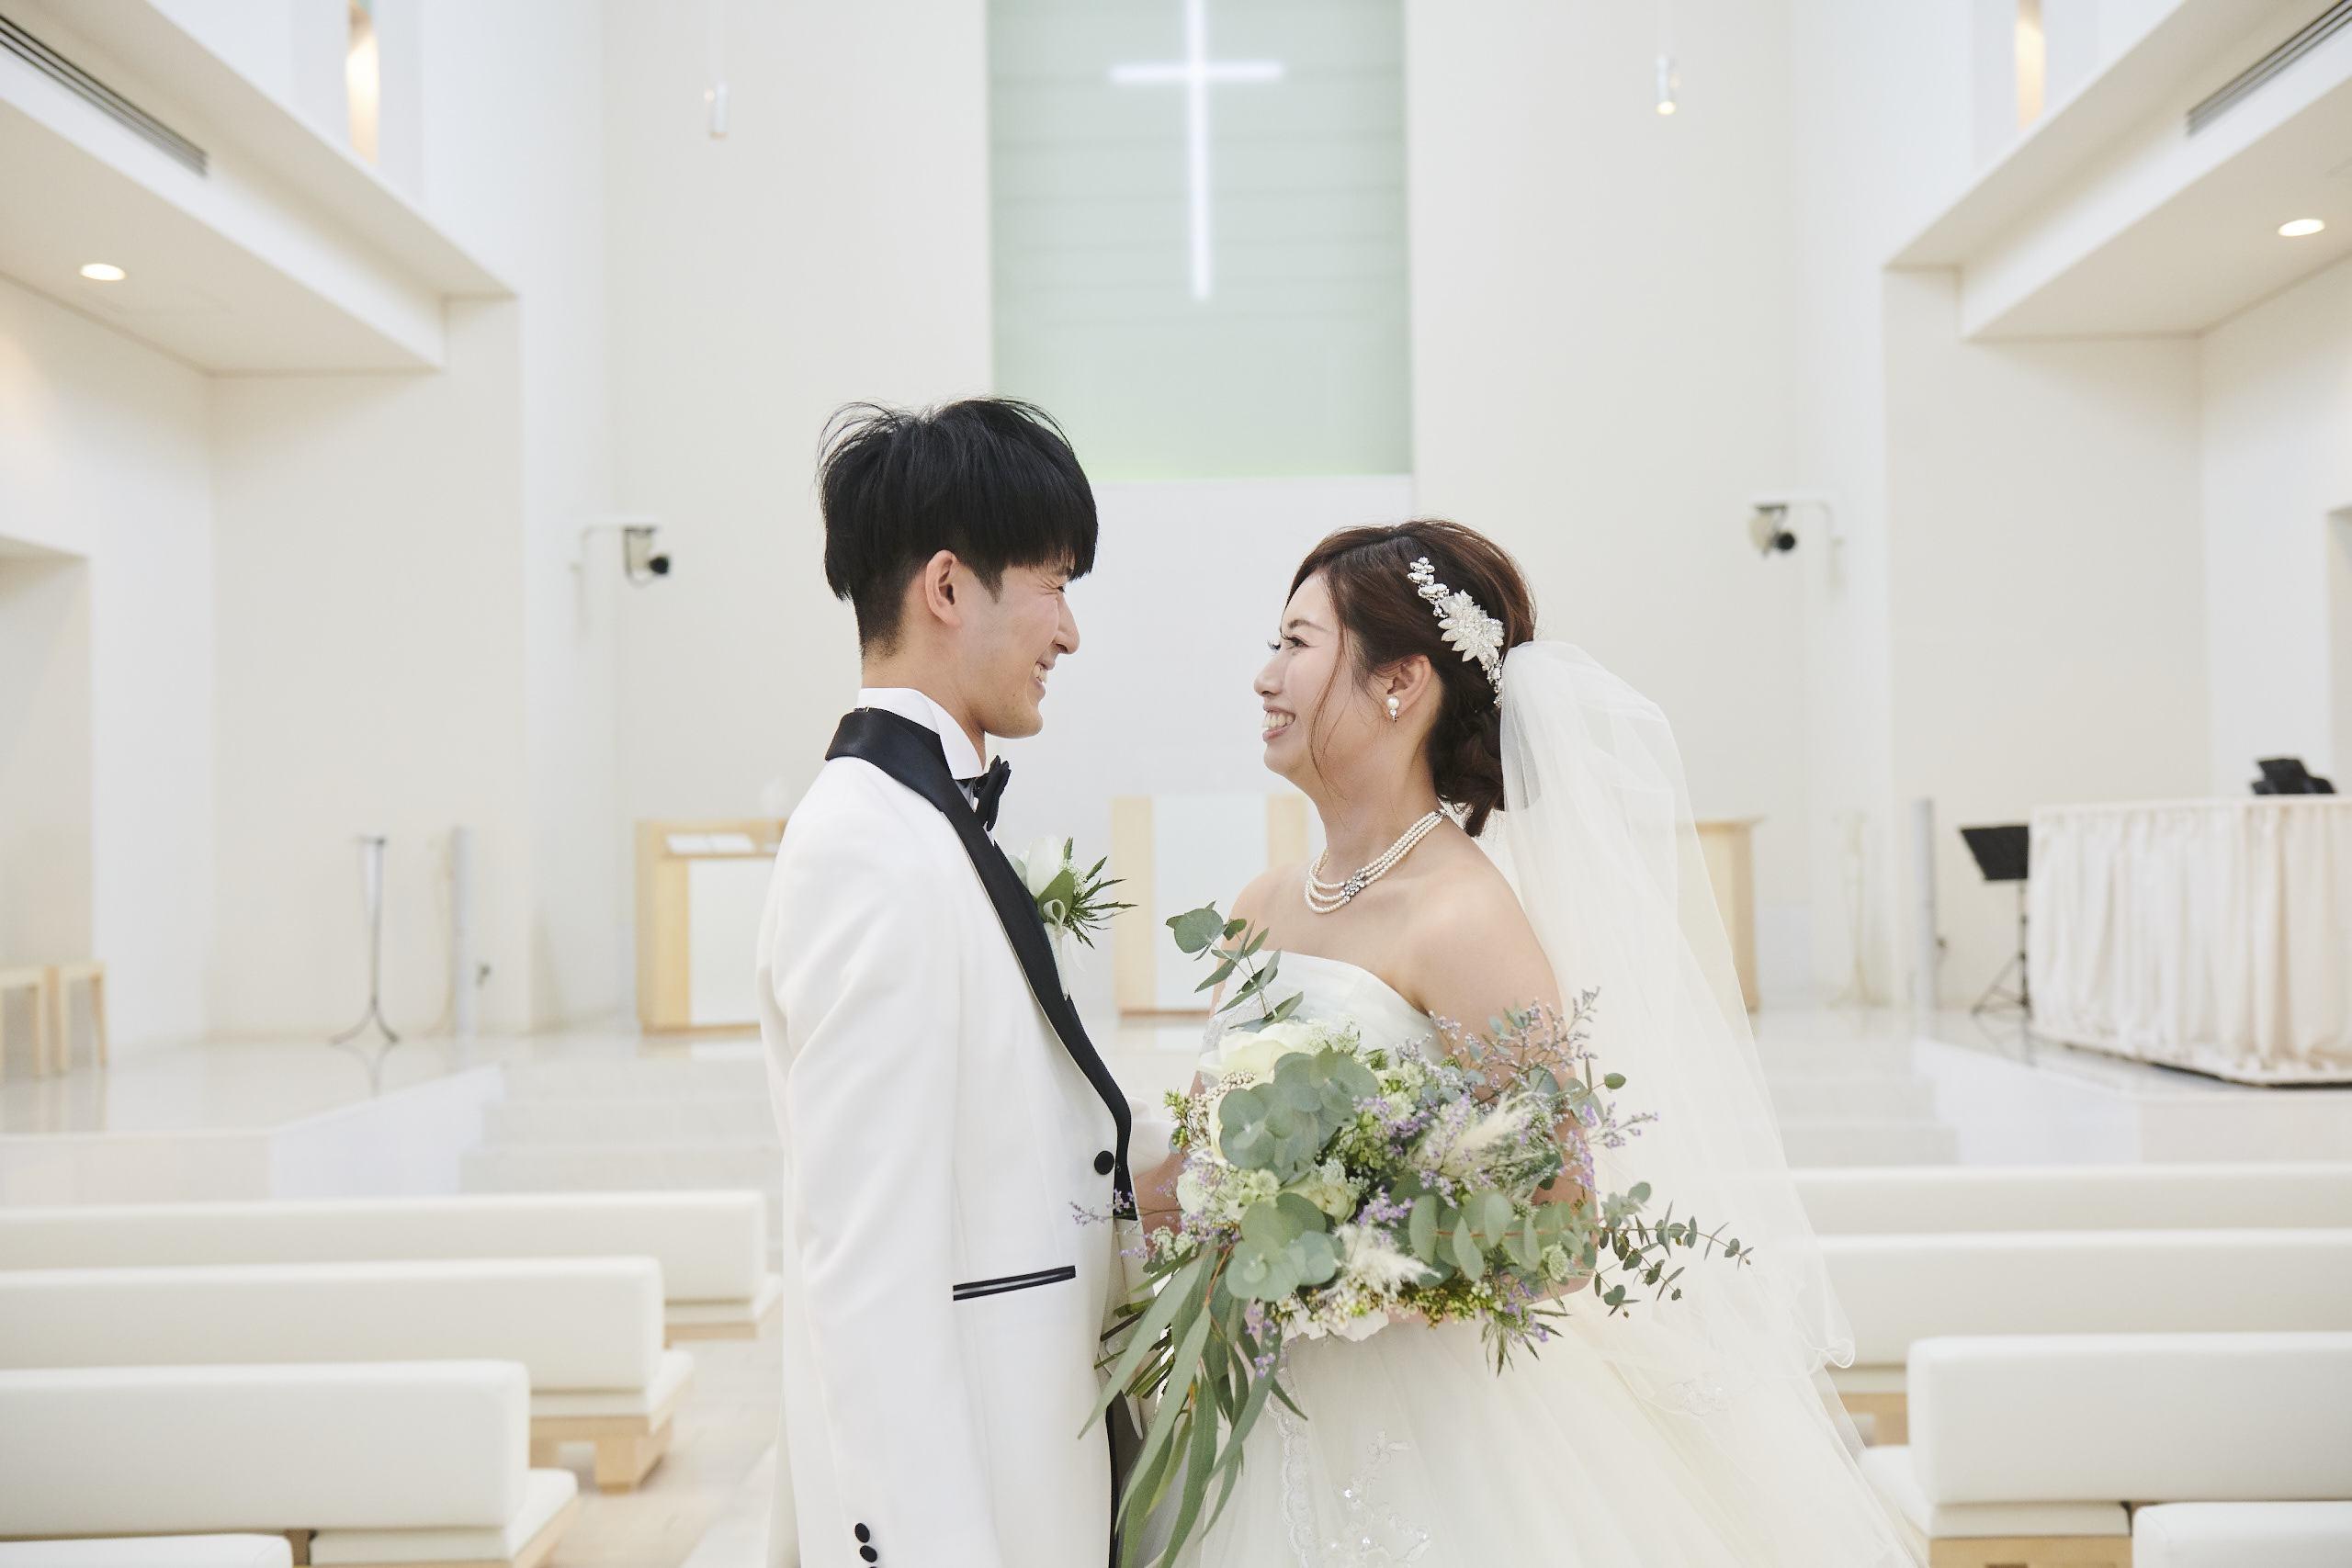 徳島市の結婚式場ブランアンジュでチャペルで見つめ合う新郎新婦